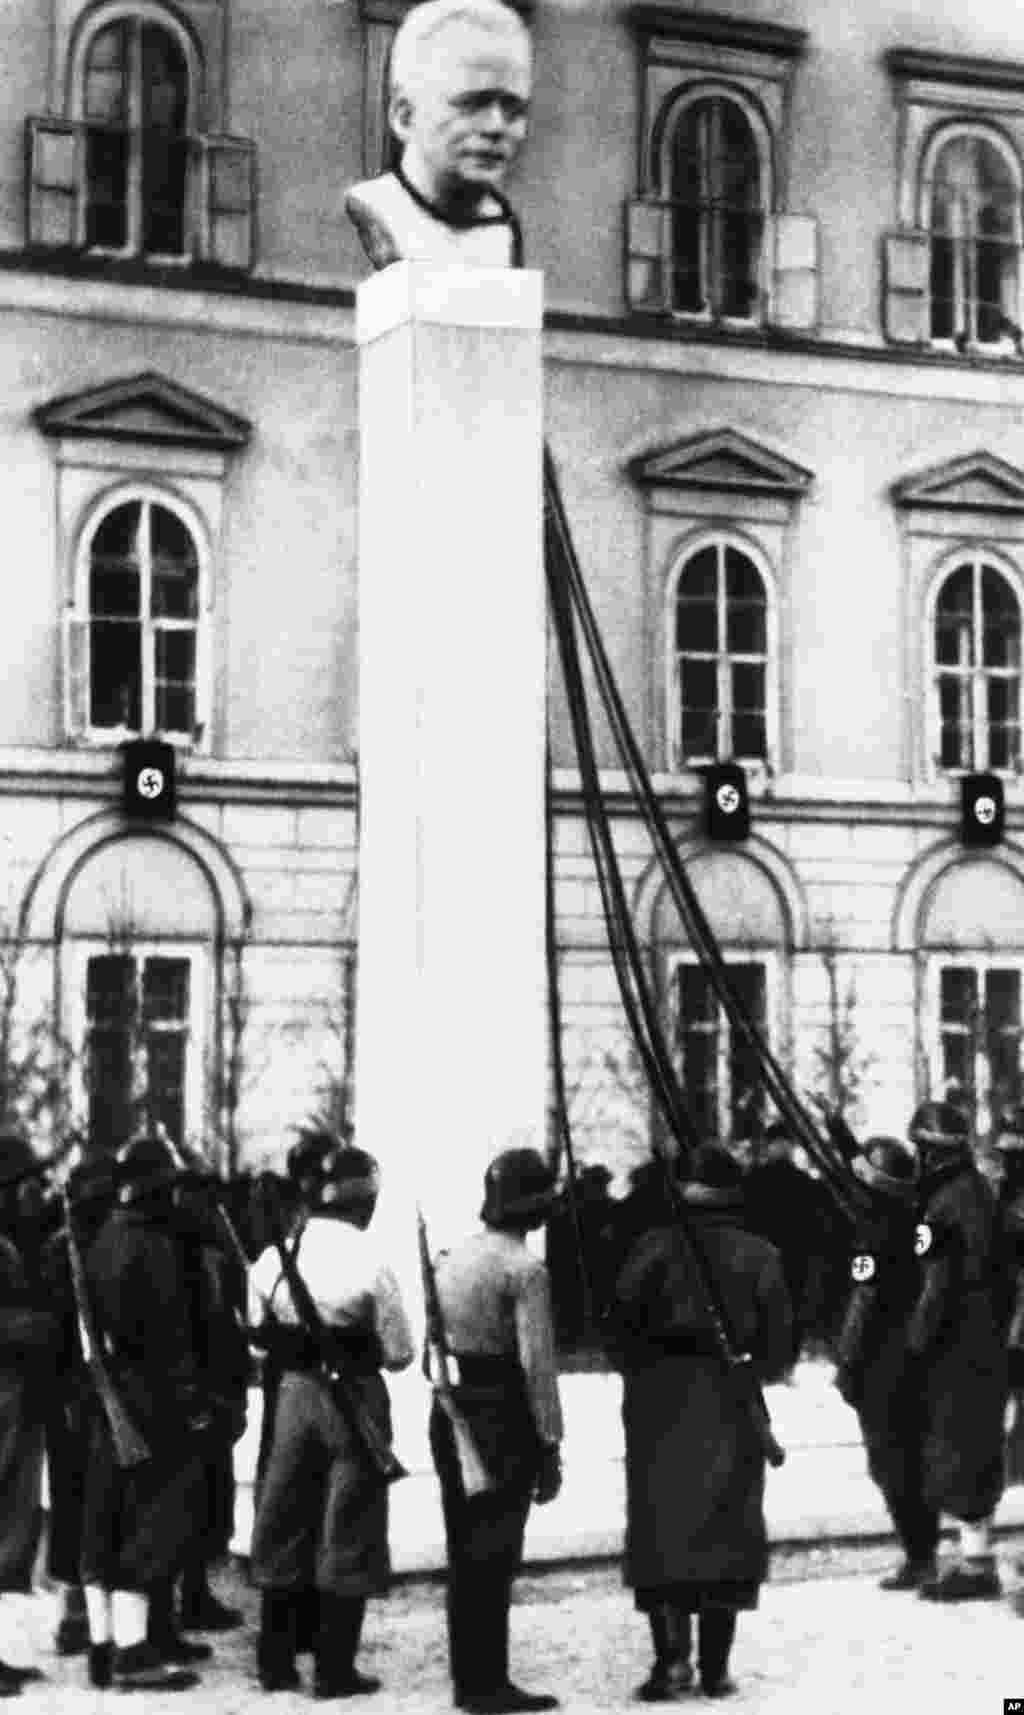 Нацистки войници в очакване на заповед за сваляне на бюста на австрийския канцлер Енгелберт Долфус. Това се случва след анексията на Австрия от нацистка Германия през 1938 г.